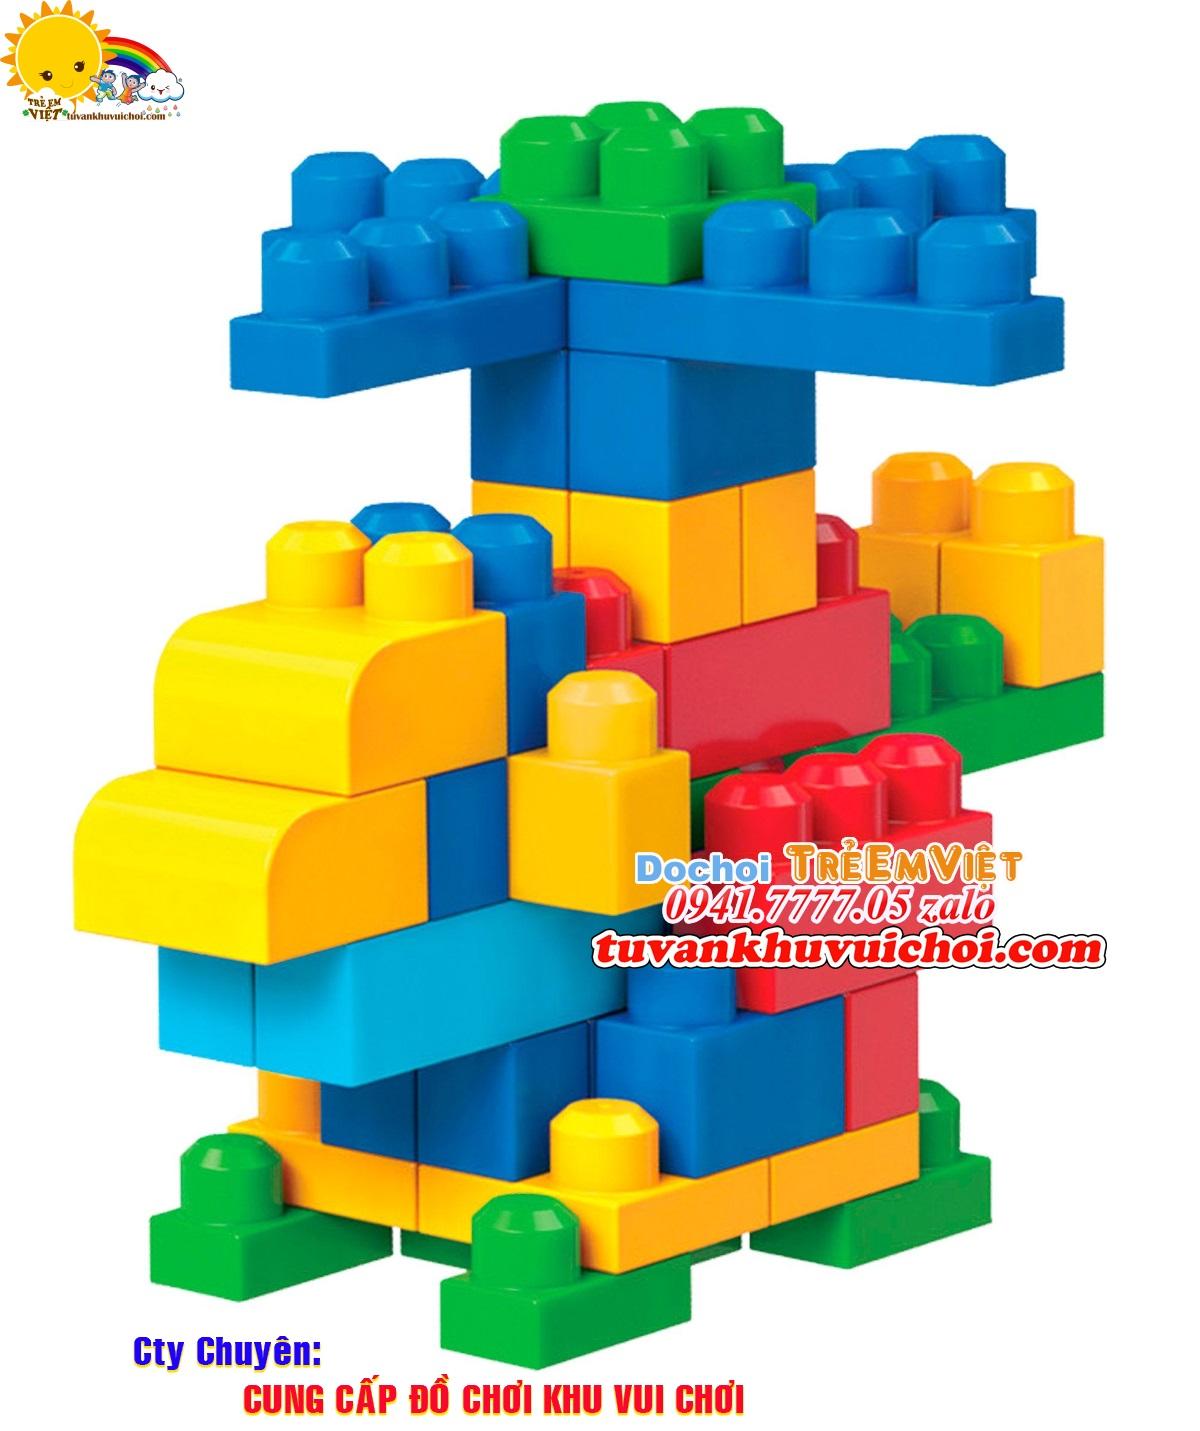 sản phẩm lego được làm từ nhựa màu sắc khá sặc sỡ và bóng loáng.